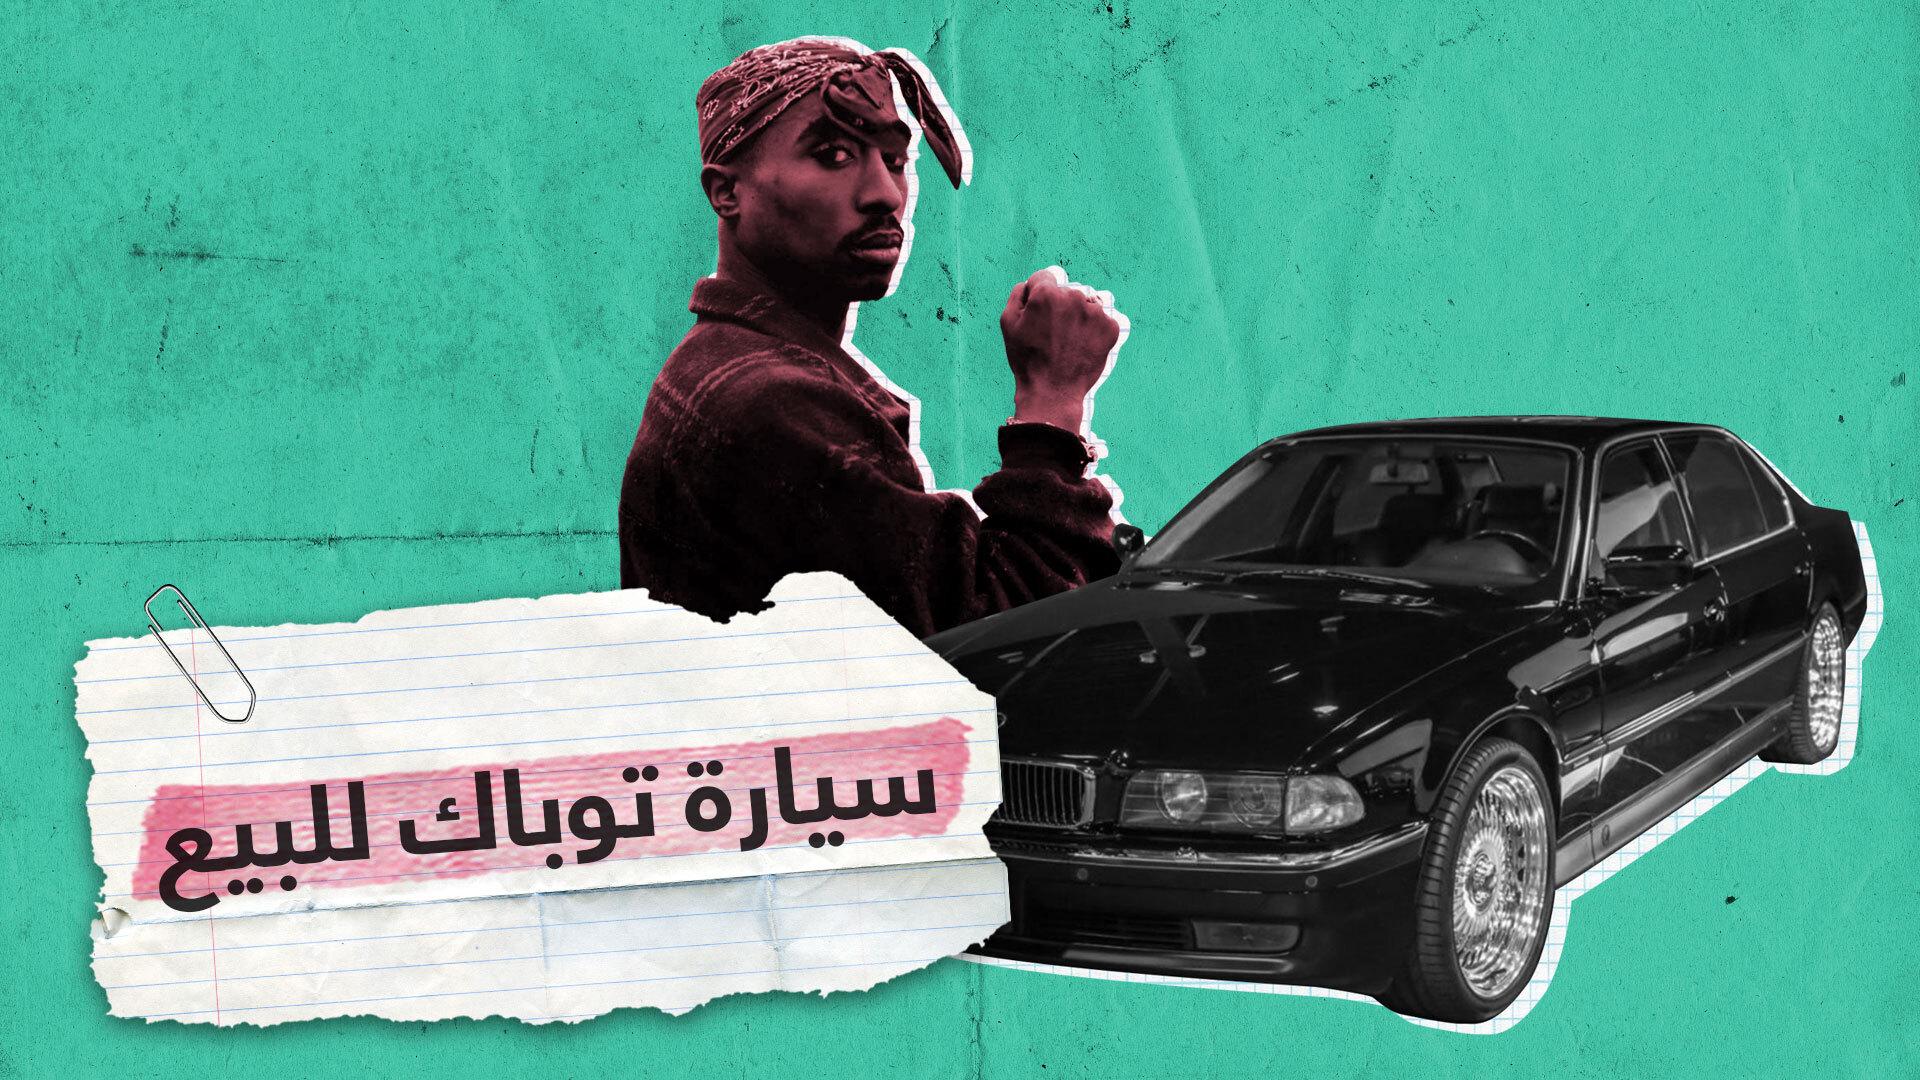 عرض السيارة التي اغتيل فيها مغني الراب الشهير توباك شاكور للبيع